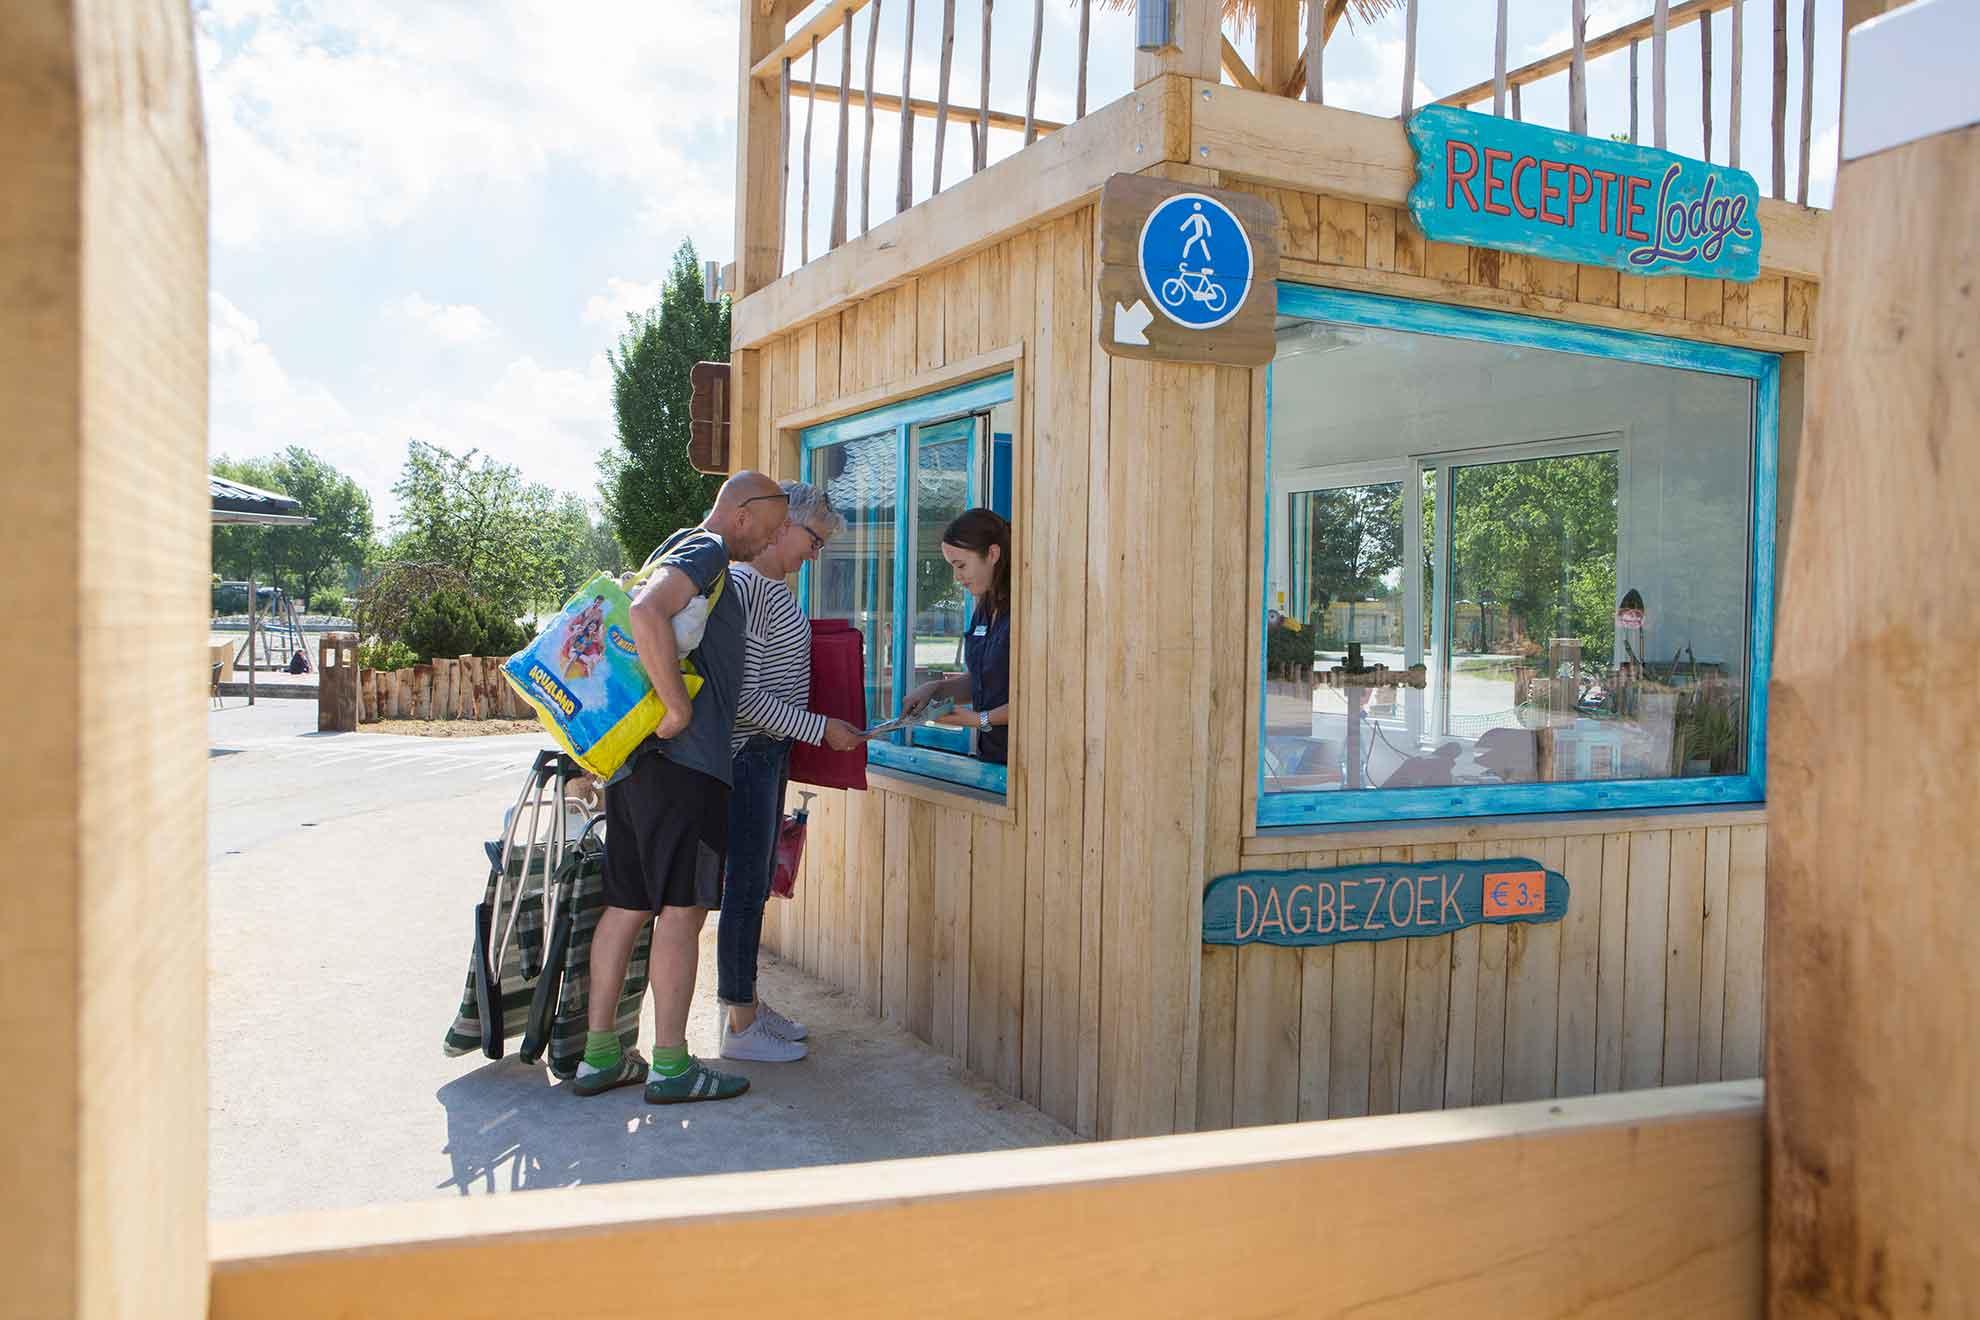 Öffnungszeiten Ferienpark Het Stoetenslagh - Öffnungszeiten Ferienpark Stoetenslagh